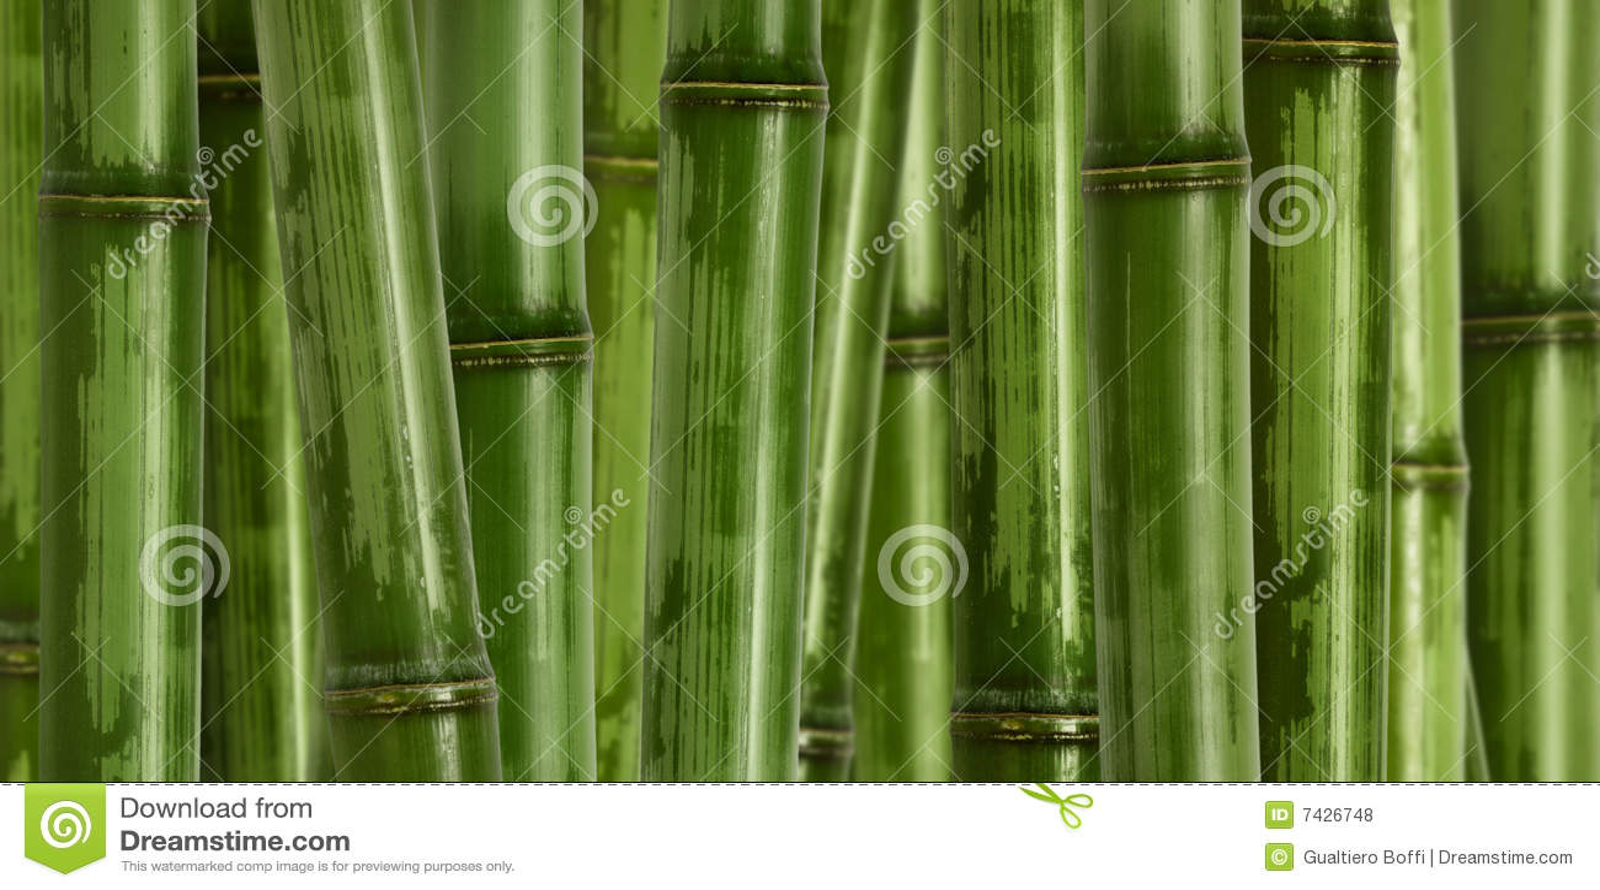 Fondo de bambú duro ancho